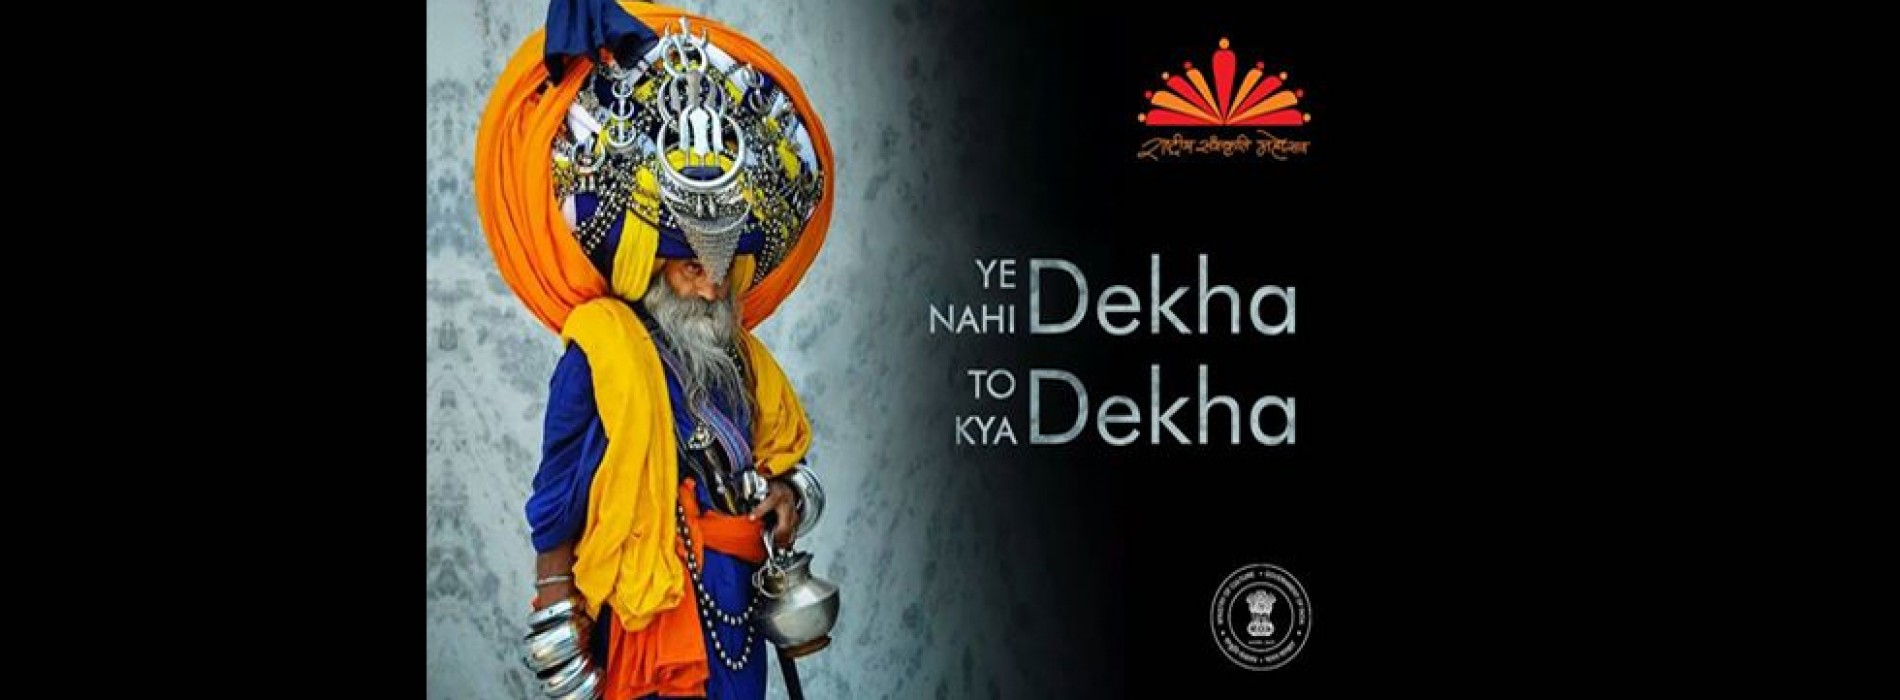 5th Rashtriya Sanskriti Mahotsav being organized in Ne Region from 23rd to 31st March, 2017